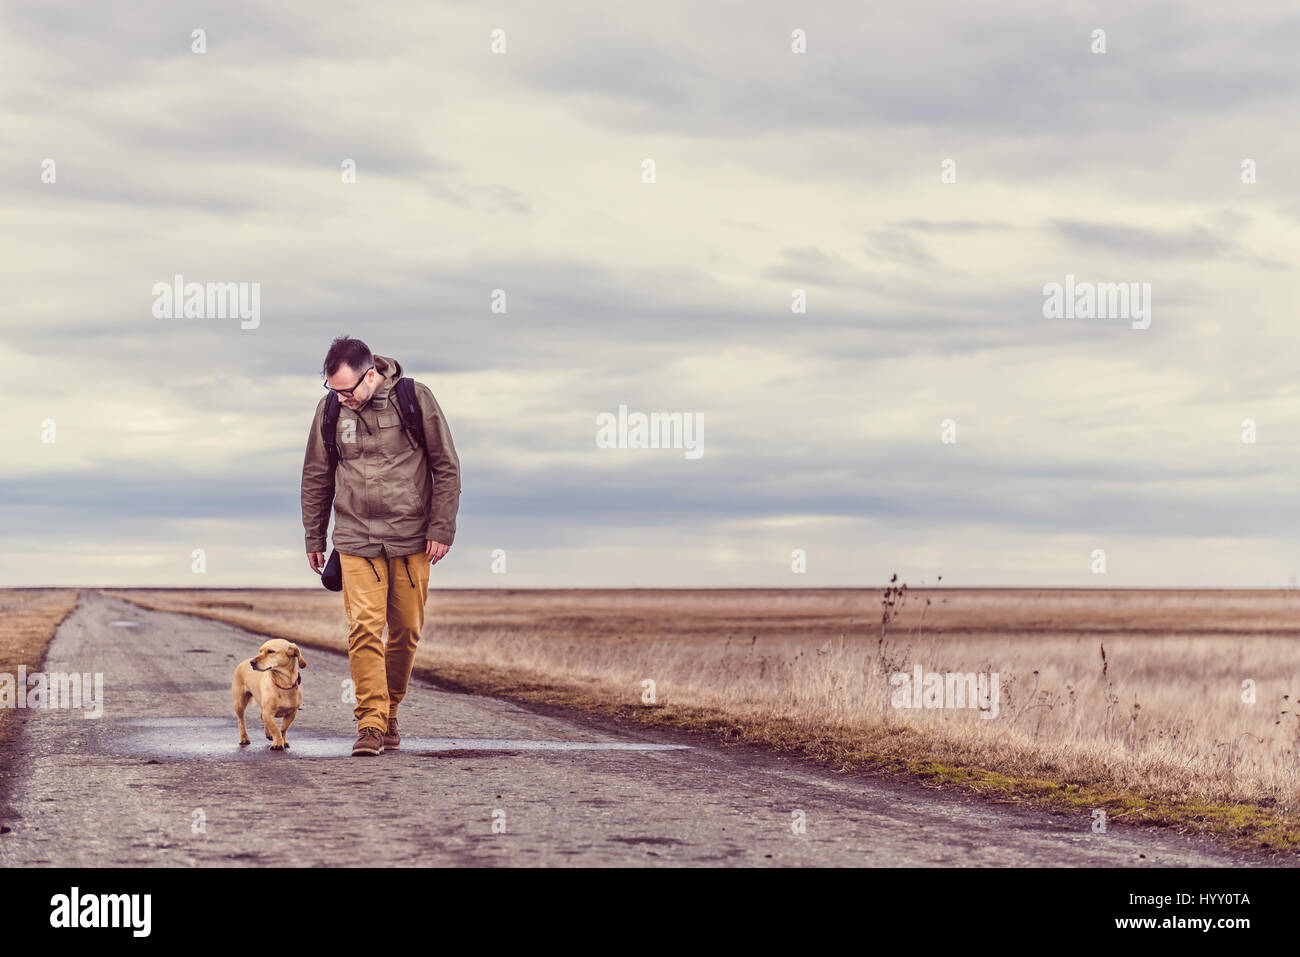 Caminante y perro caminando por una calle en un día nublado Imagen De Stock